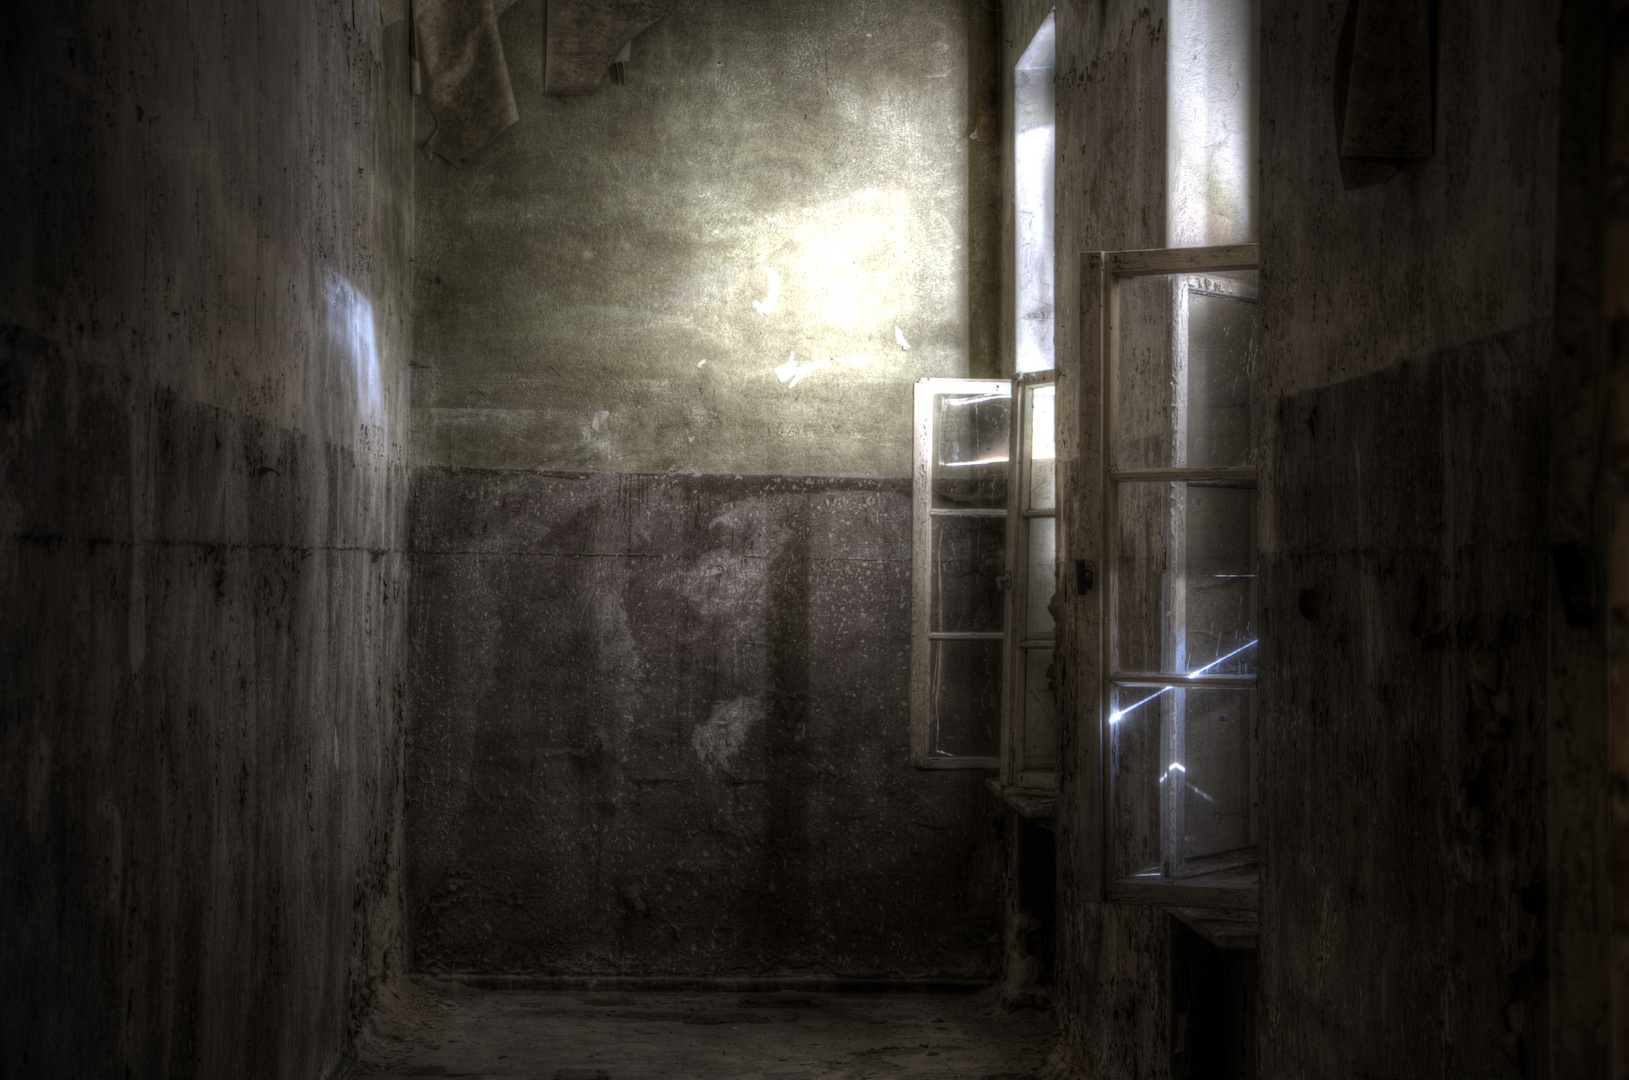 dunkle ecke mit licht foto bild architektur lost places morbides bilder auf fotocommunity. Black Bedroom Furniture Sets. Home Design Ideas